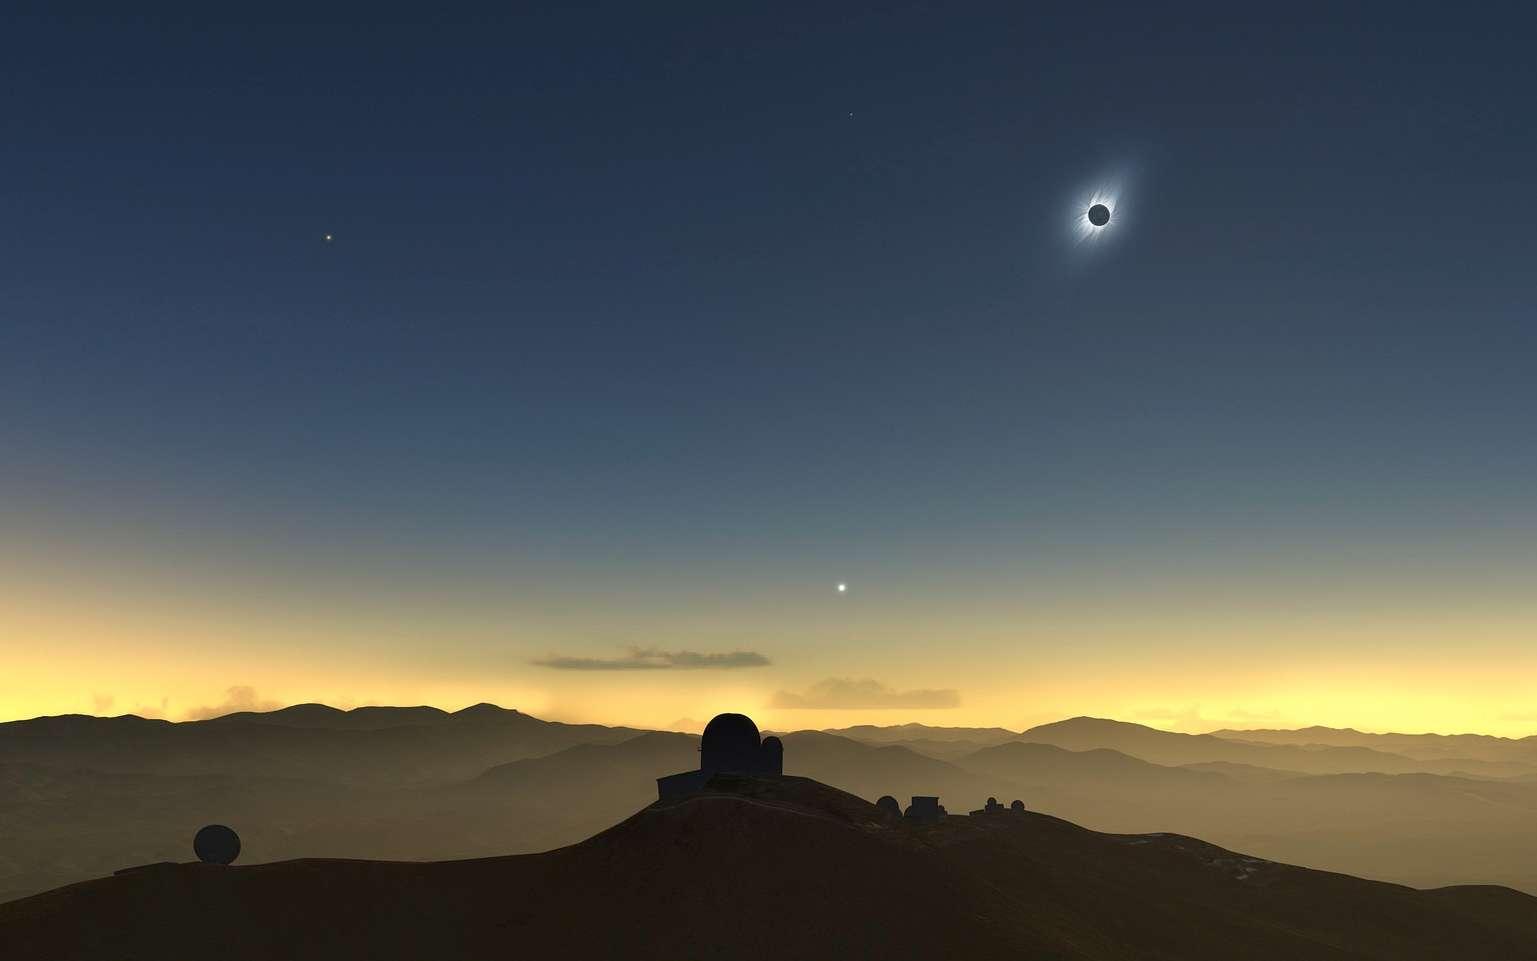 Illustration de l'éclipse totale du Soleil du 2 juillet vue de l'observatoire de La Silla, au Chili. © ESO